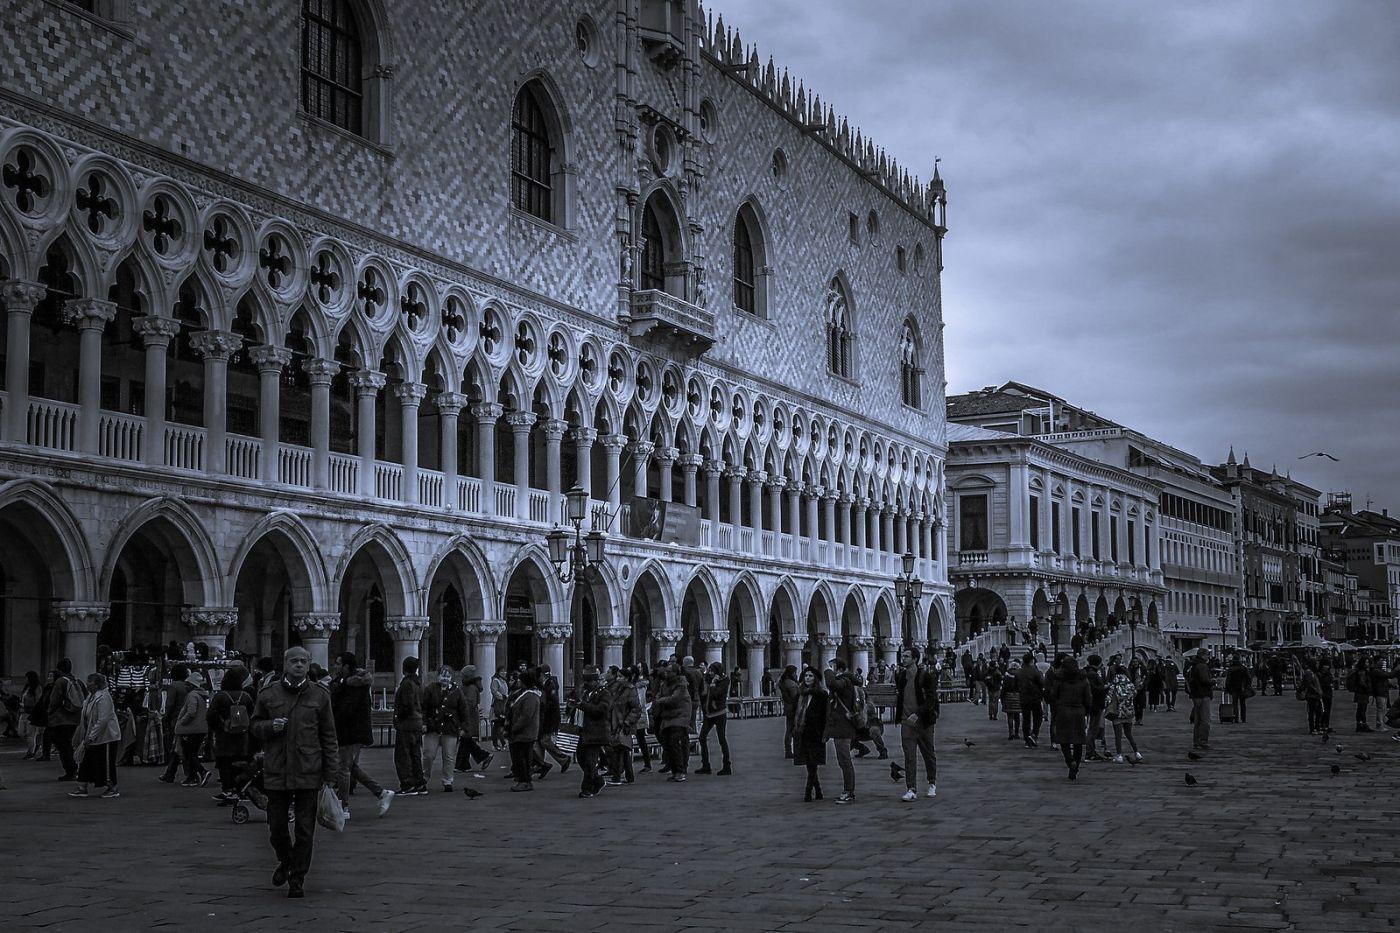 威尼斯圣马可广场(St Mark's Square), 独一无二_图1-20